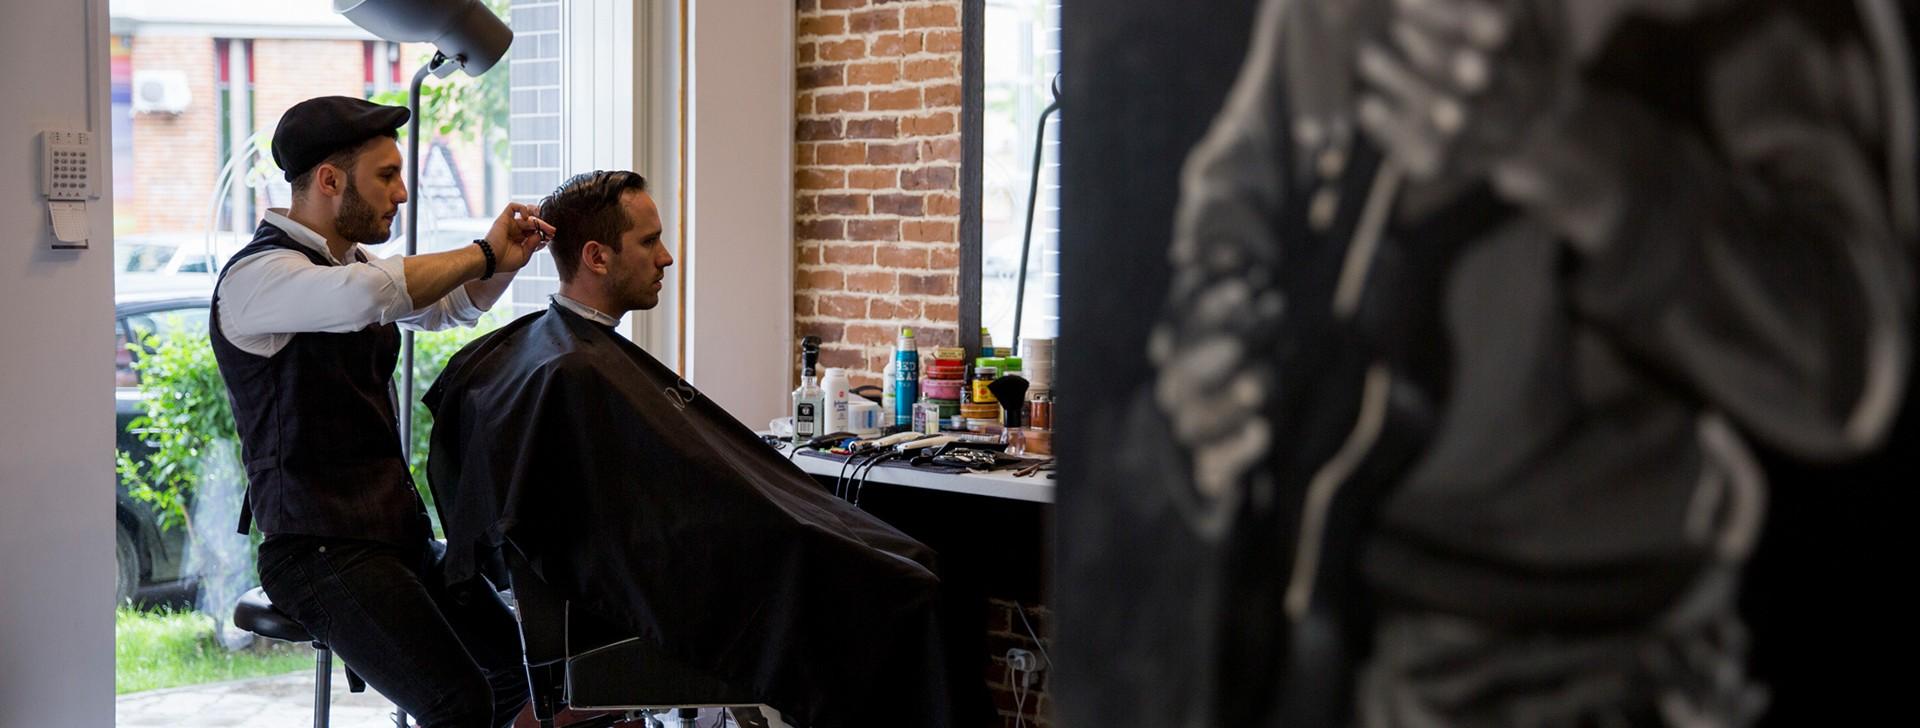 the-barber-barbershop-bucuresti-01